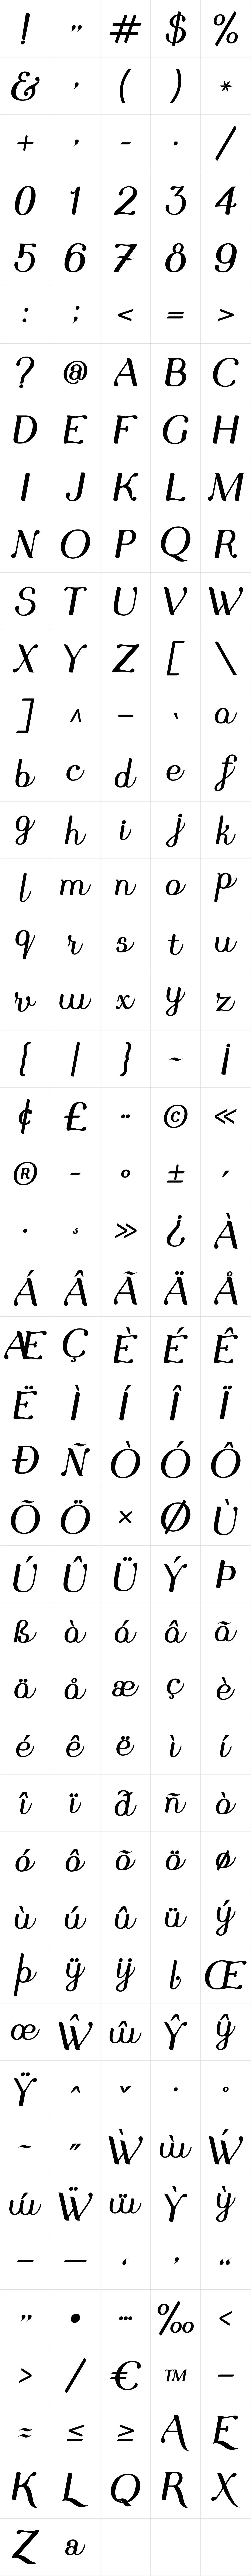 Pedrera Script Bold